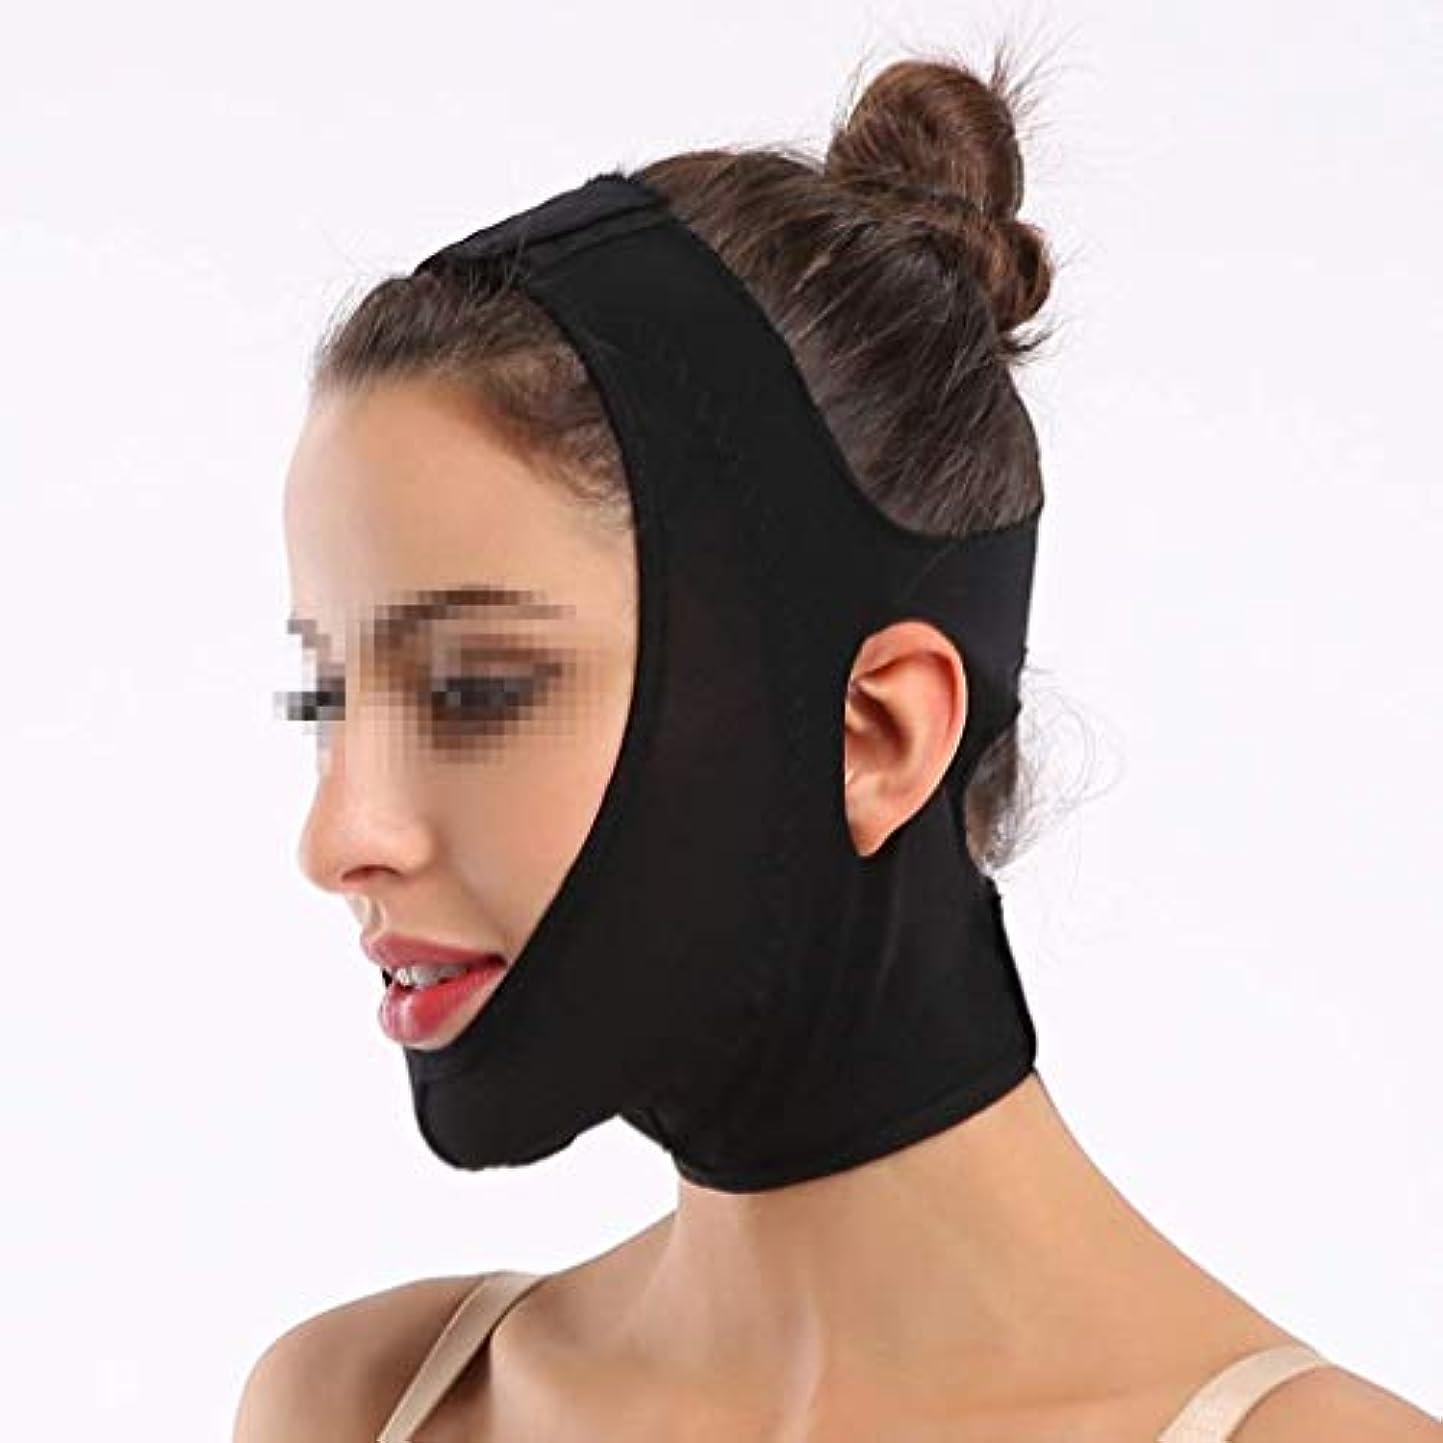 増幅する追加市長Vフェイスマスク、包帯マスクを持ち上げて引き締めるスキニービューティーサロン1日2時間Vフェイスマッサージ術後回復